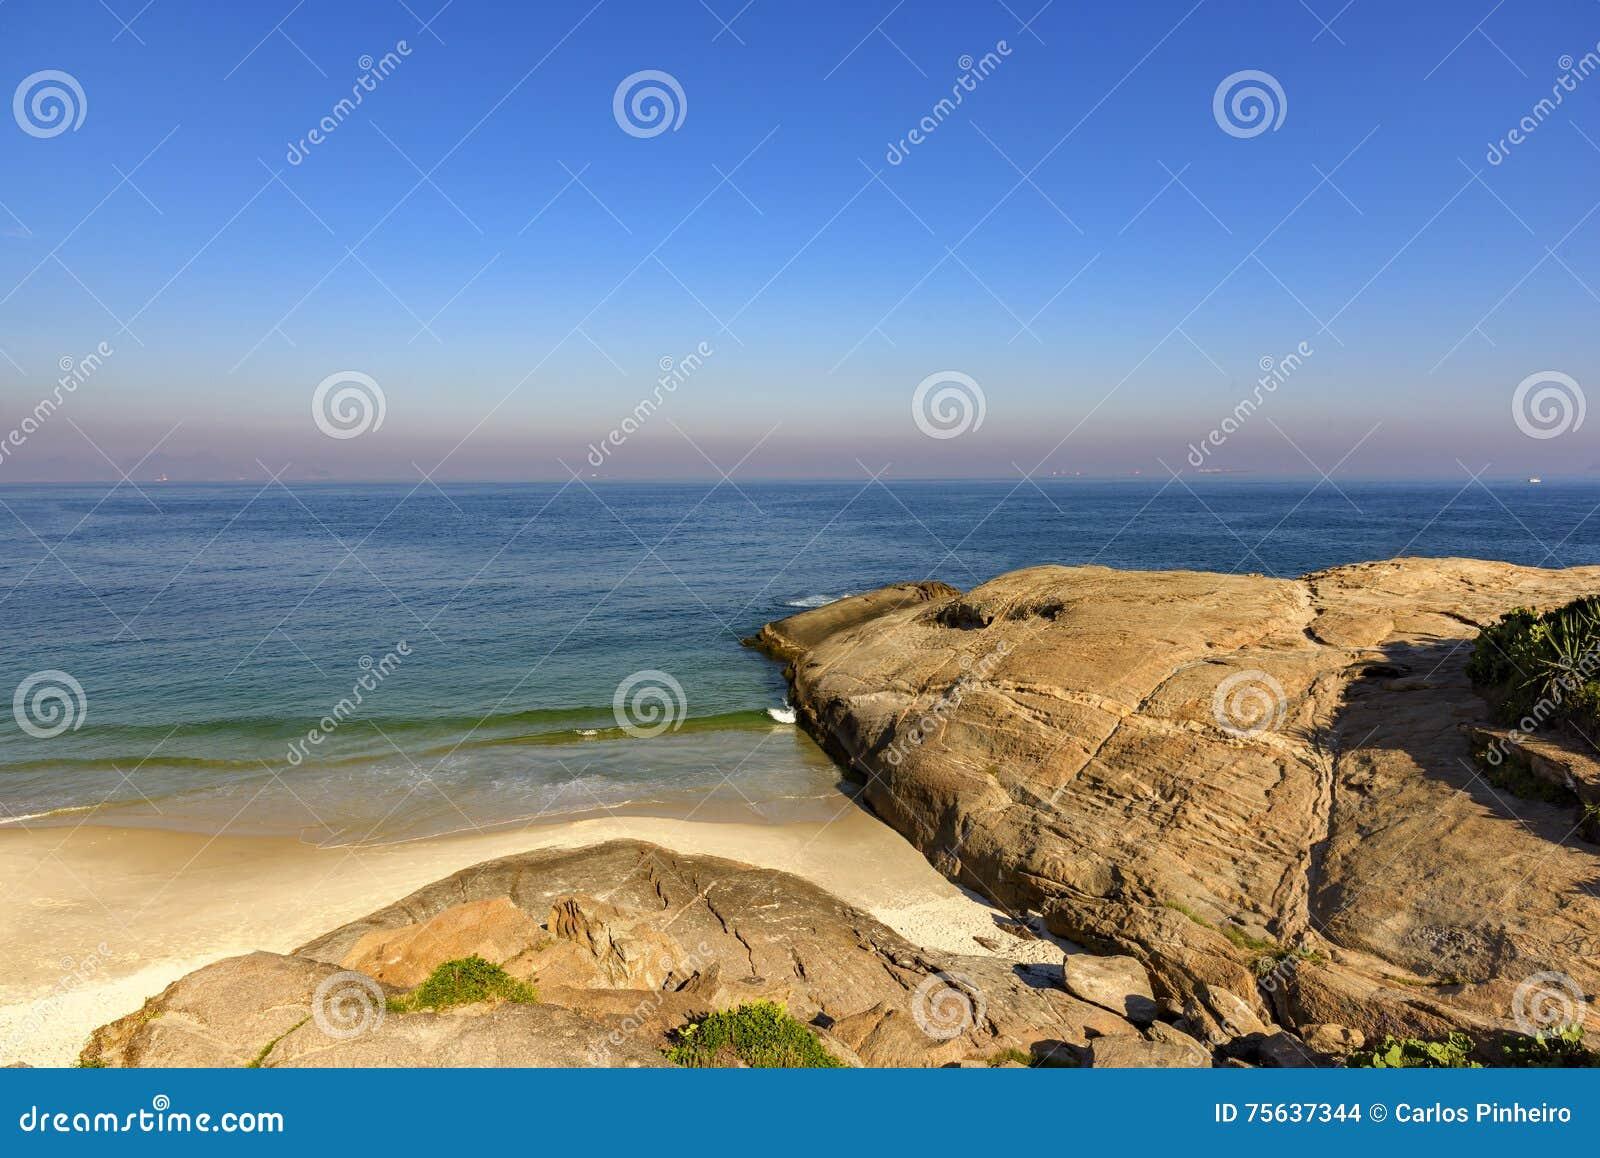 Horizon bij het strand van de Duivel